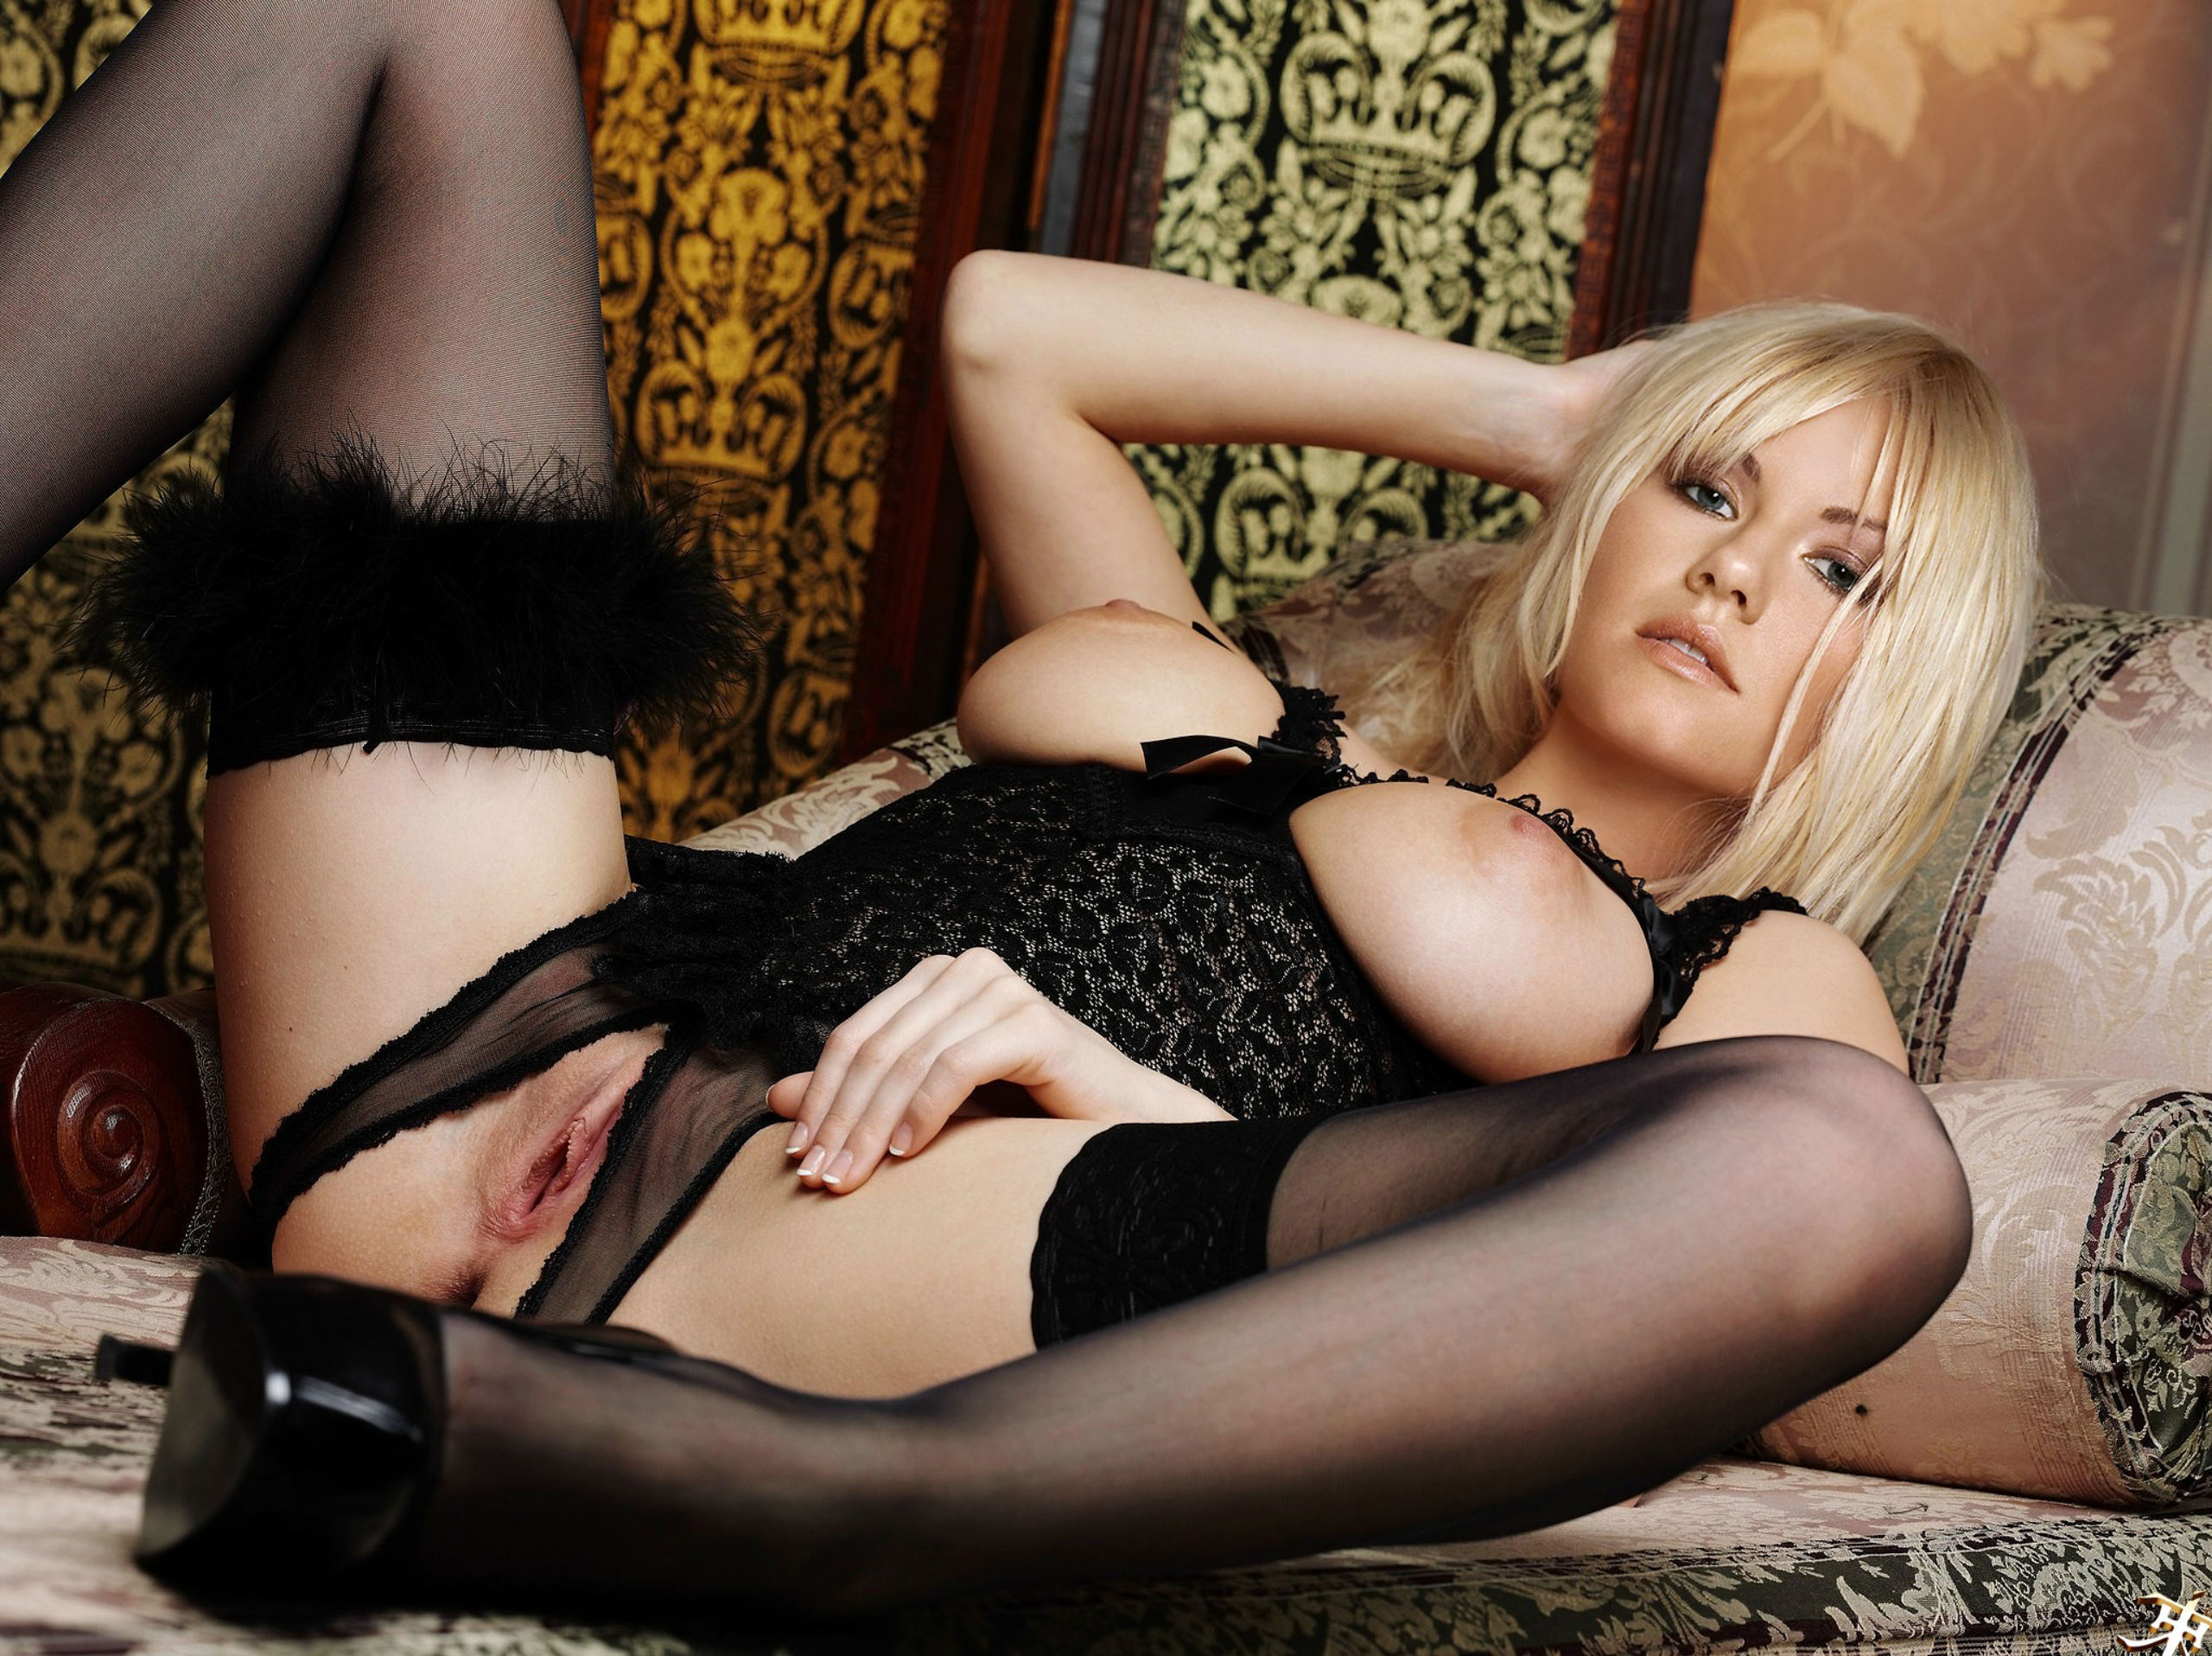 sexy hot salena gomez pussy